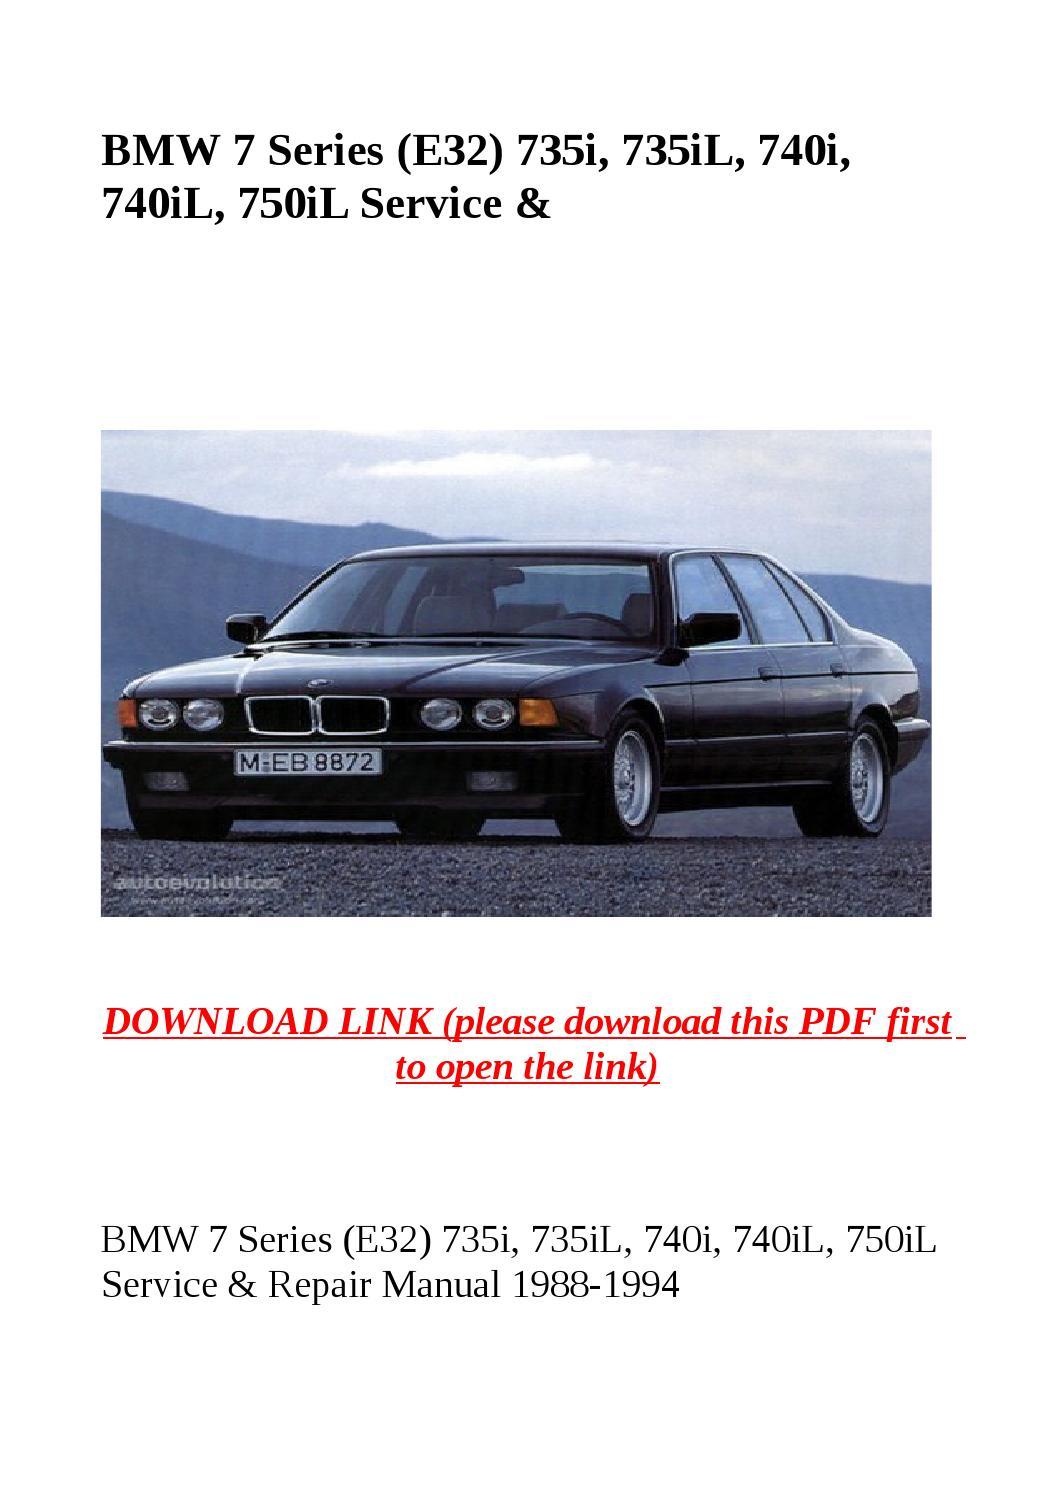 Bmw 7 series (e32) 735i, 735il, 740i, 740il, 750il service & by dale - issuu